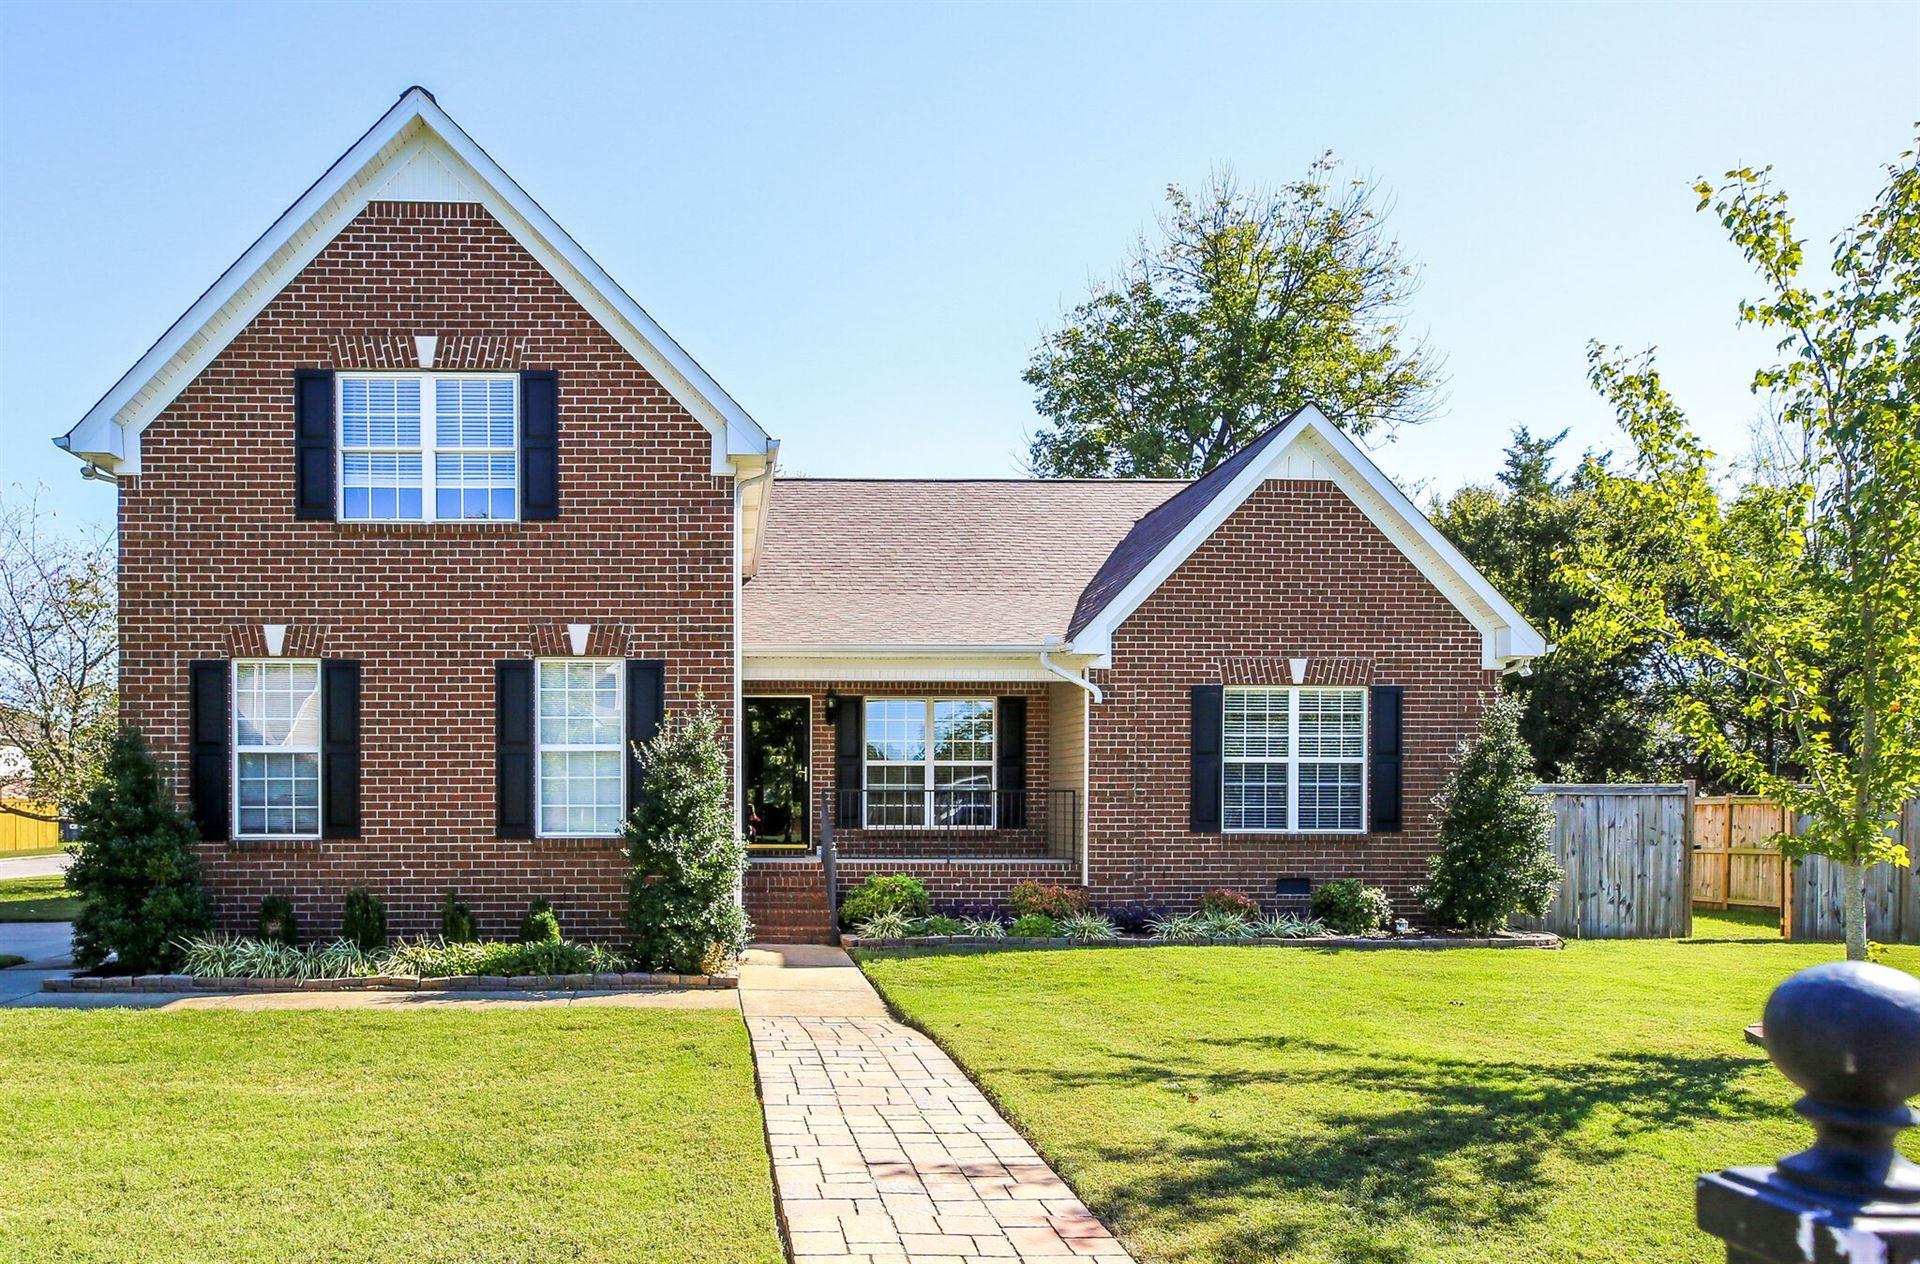 1803 Potters Ct, Murfreesboro, TN 37128 - MLS#: 2301689